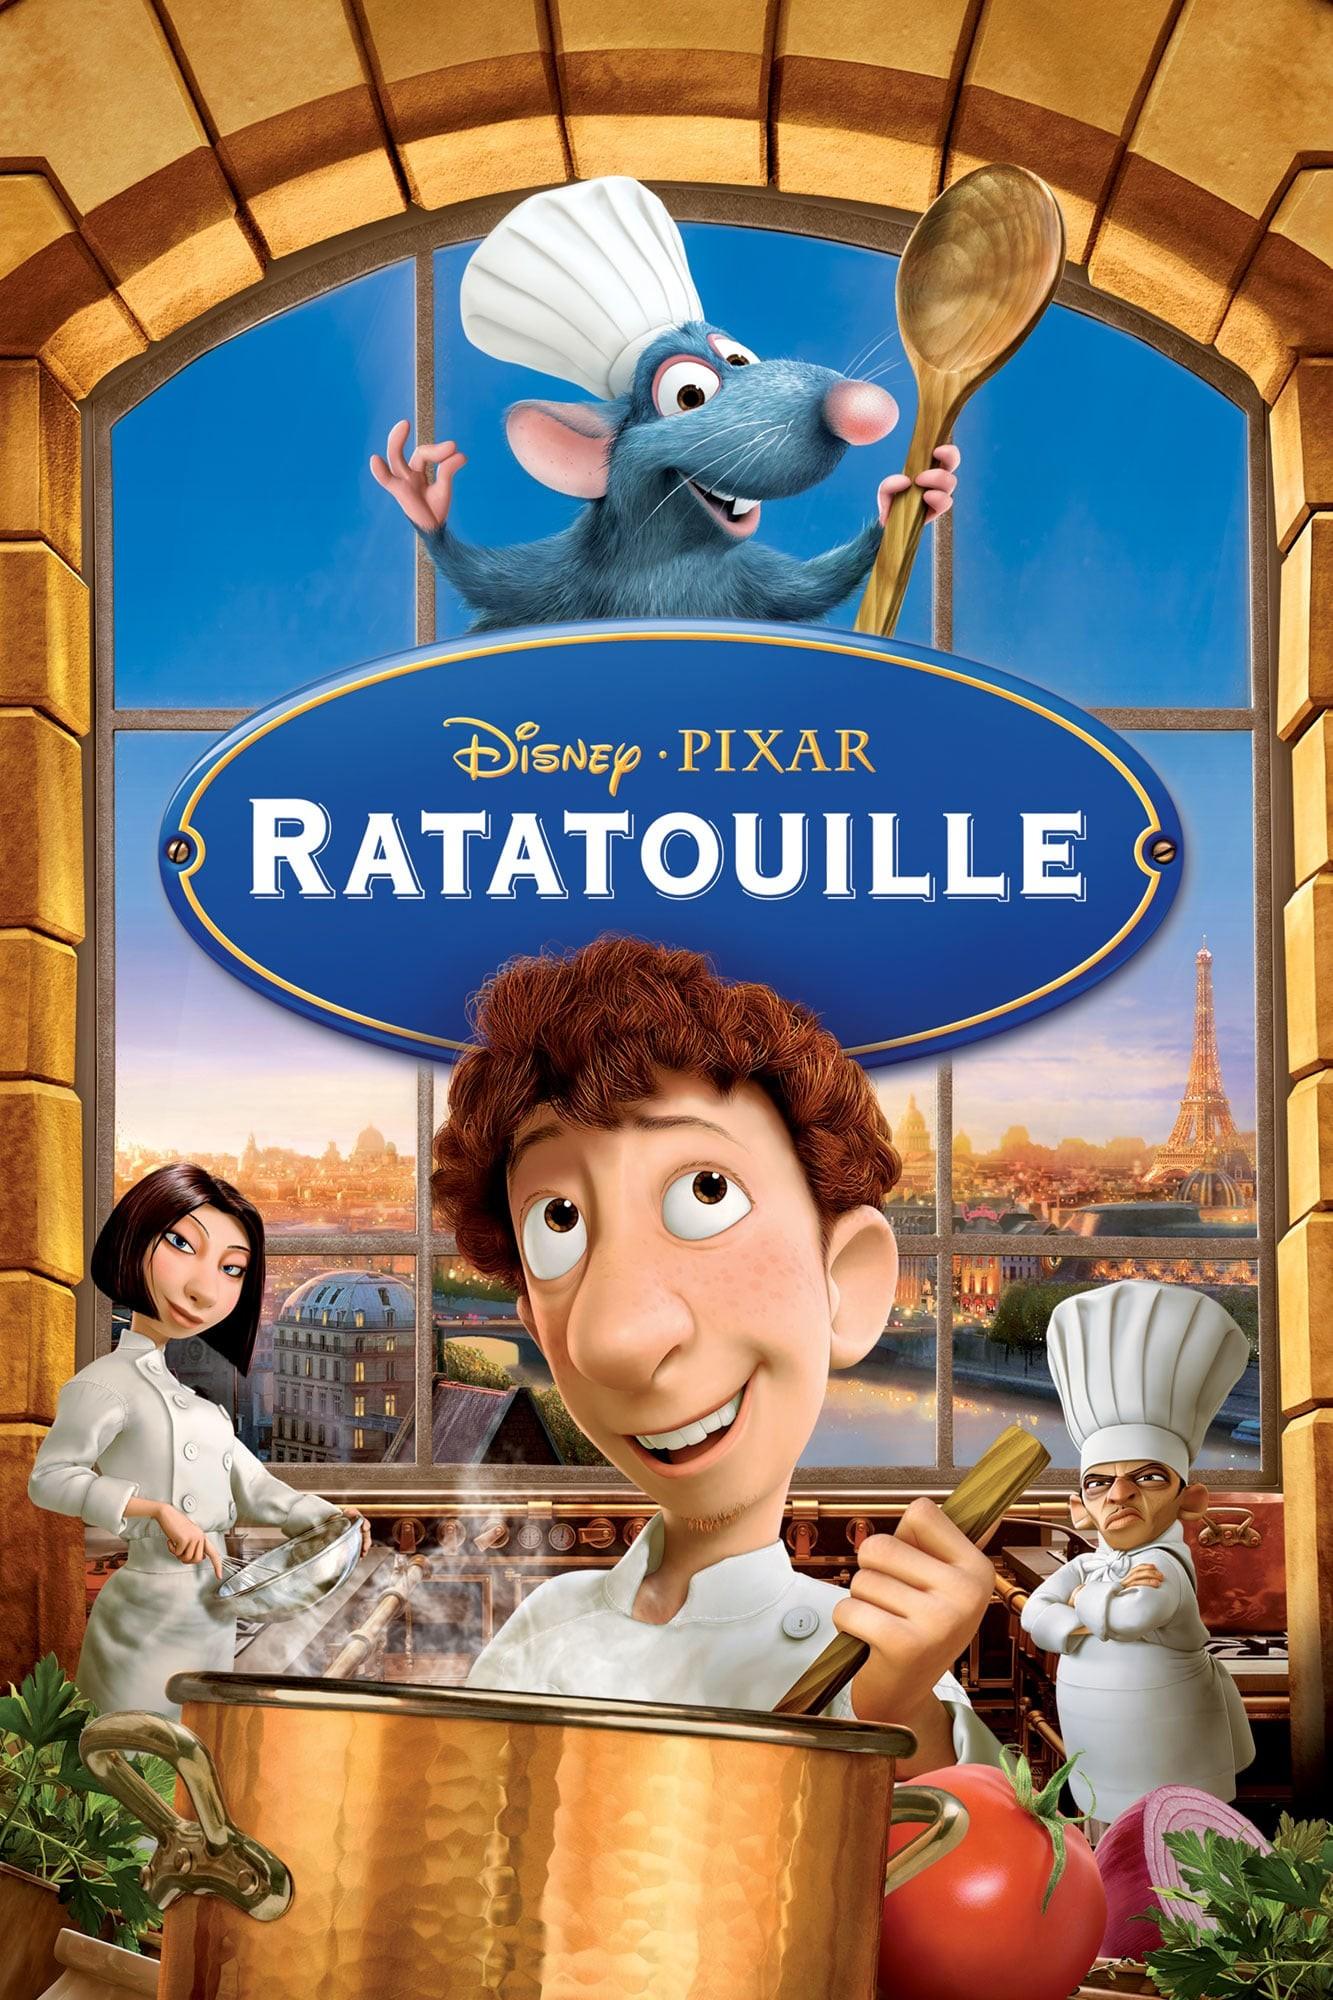 Ratatouille (2007) 免費在線觀看 - 完整的電影 - 高清 - 中文